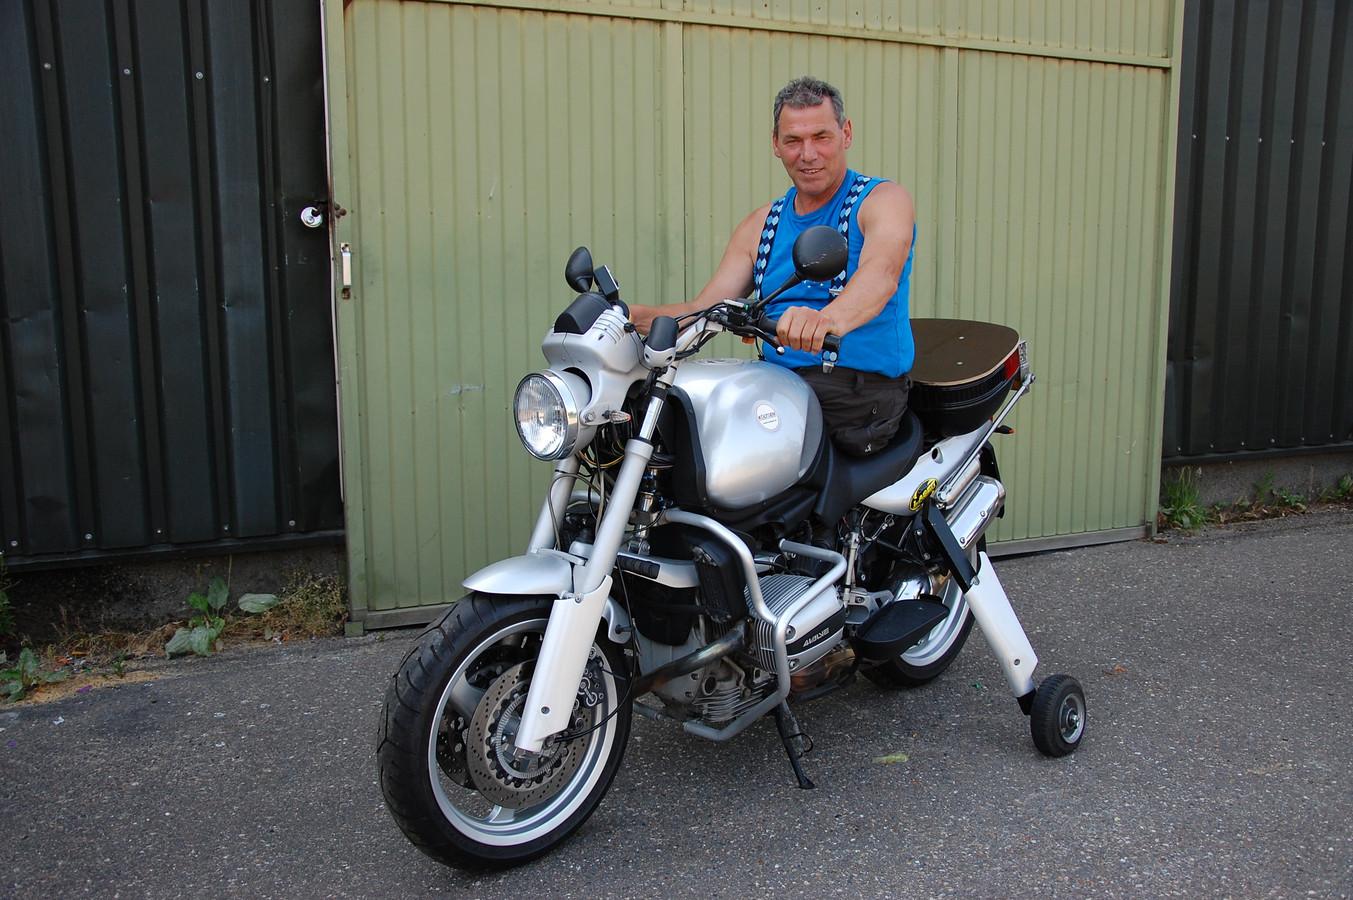 Karel Hanse op een motor die is uitgerust met het Feetless Biking System. In Nederland mag hij daar niet mee de weg op.